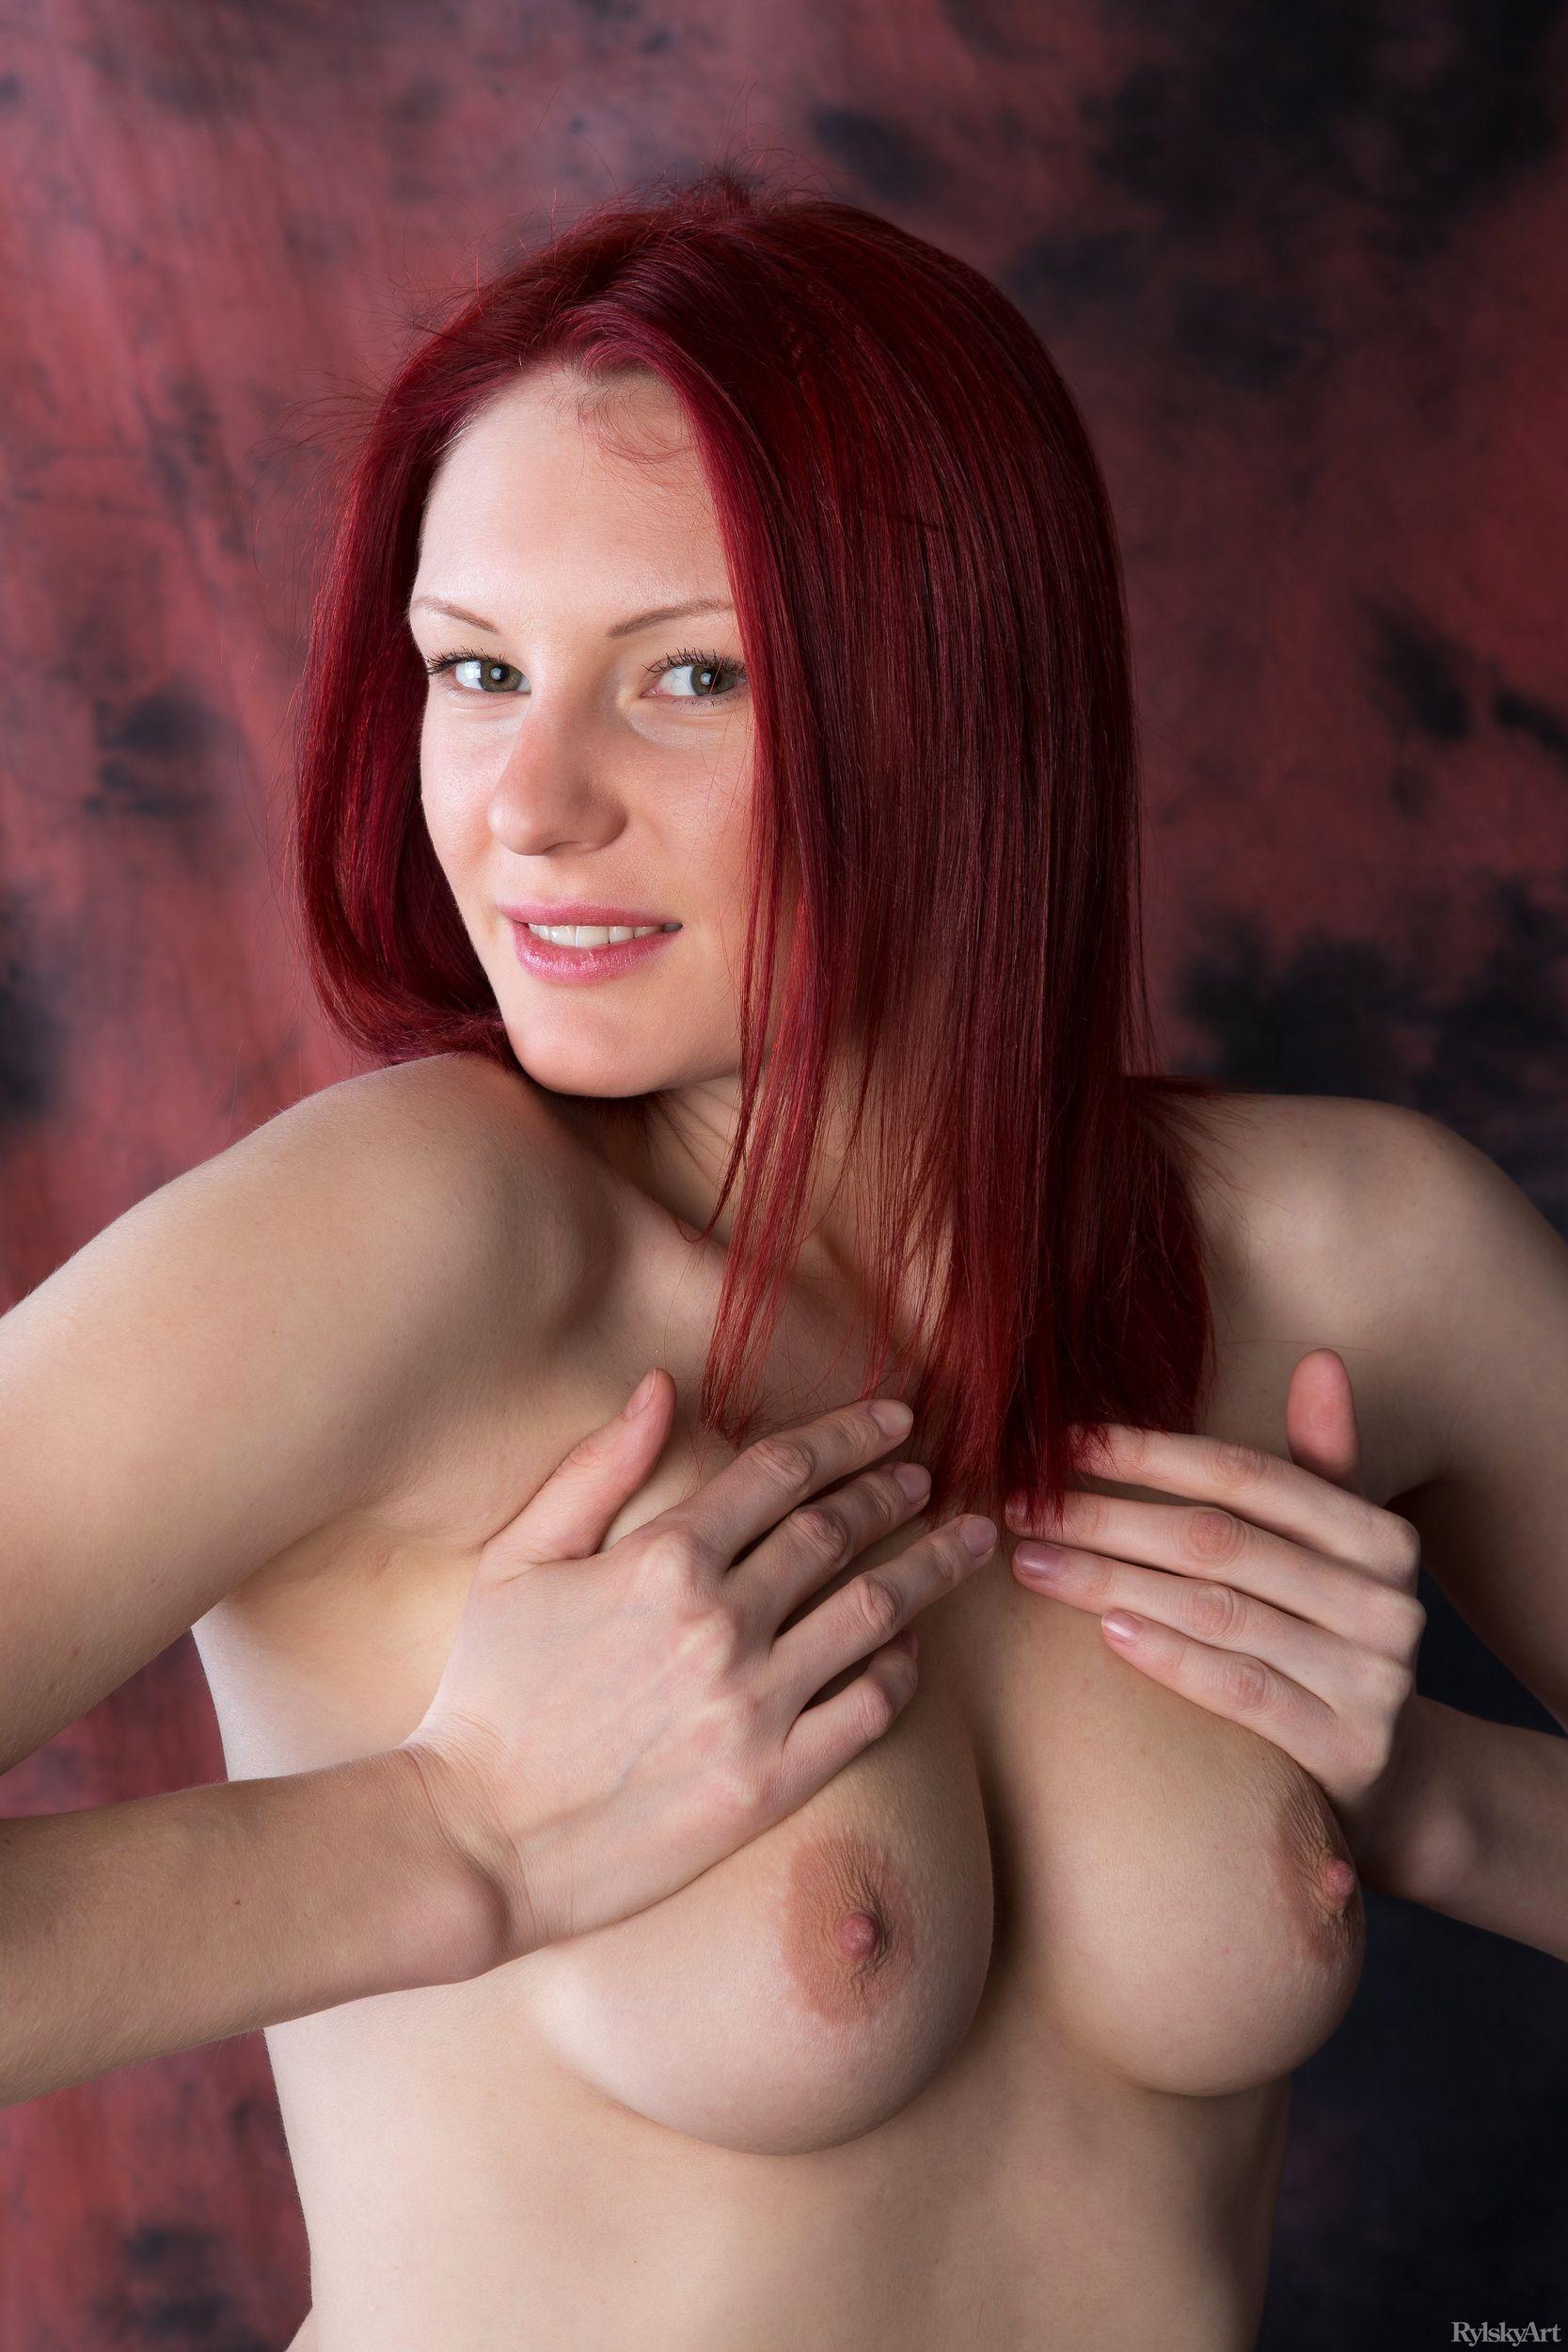 мужа конечно рэйчел дж фокс эро фото савушкина проститутки шлюхи